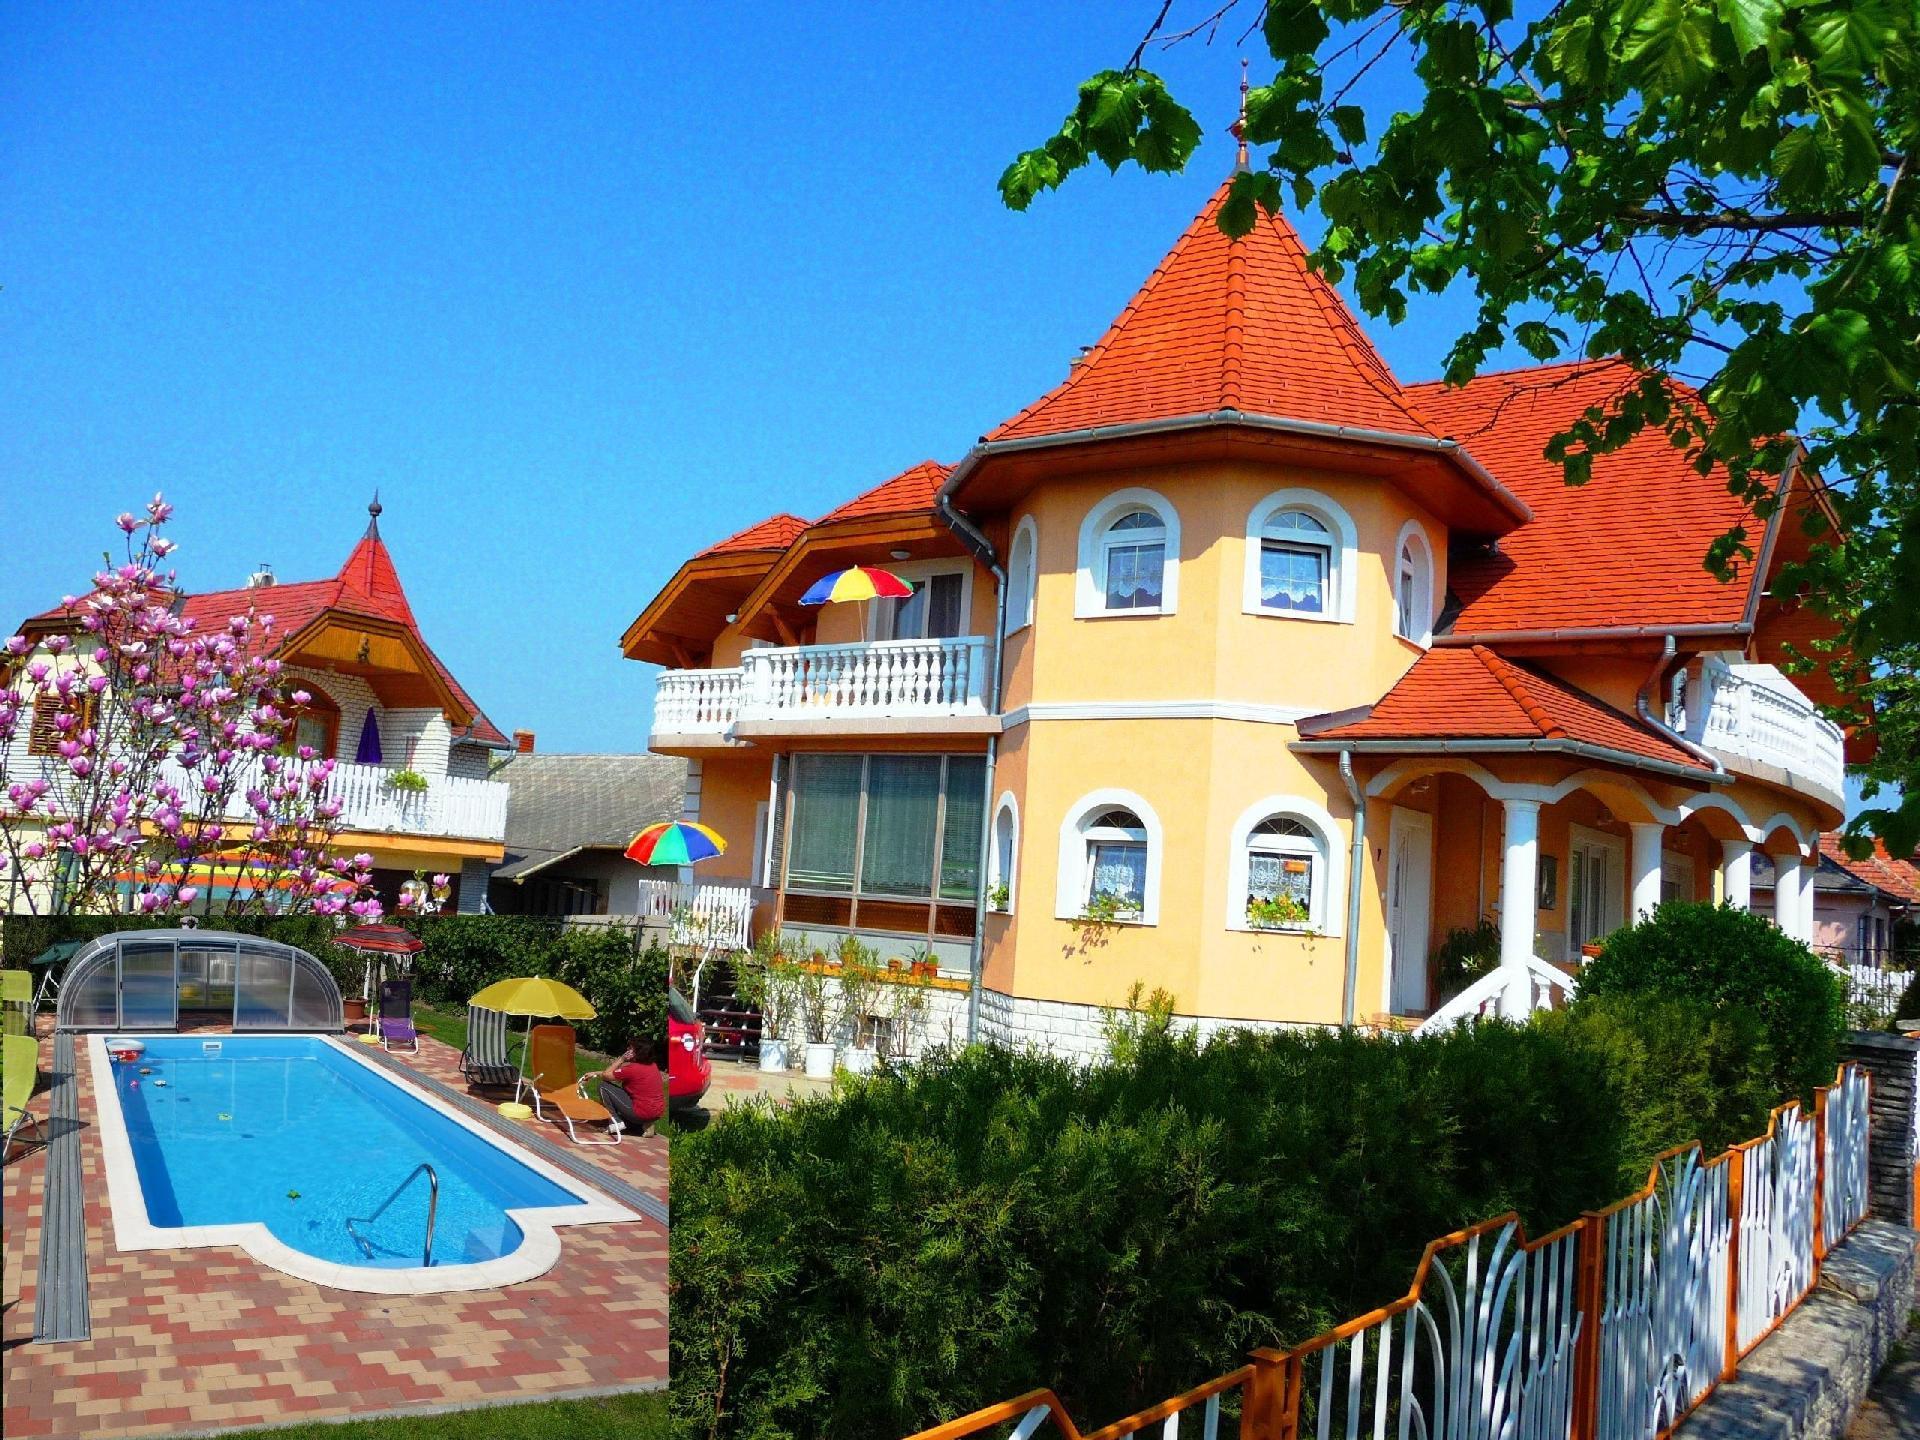 Ferienwohnung für 2 Personen ca. 45 m² i  in Ungarn